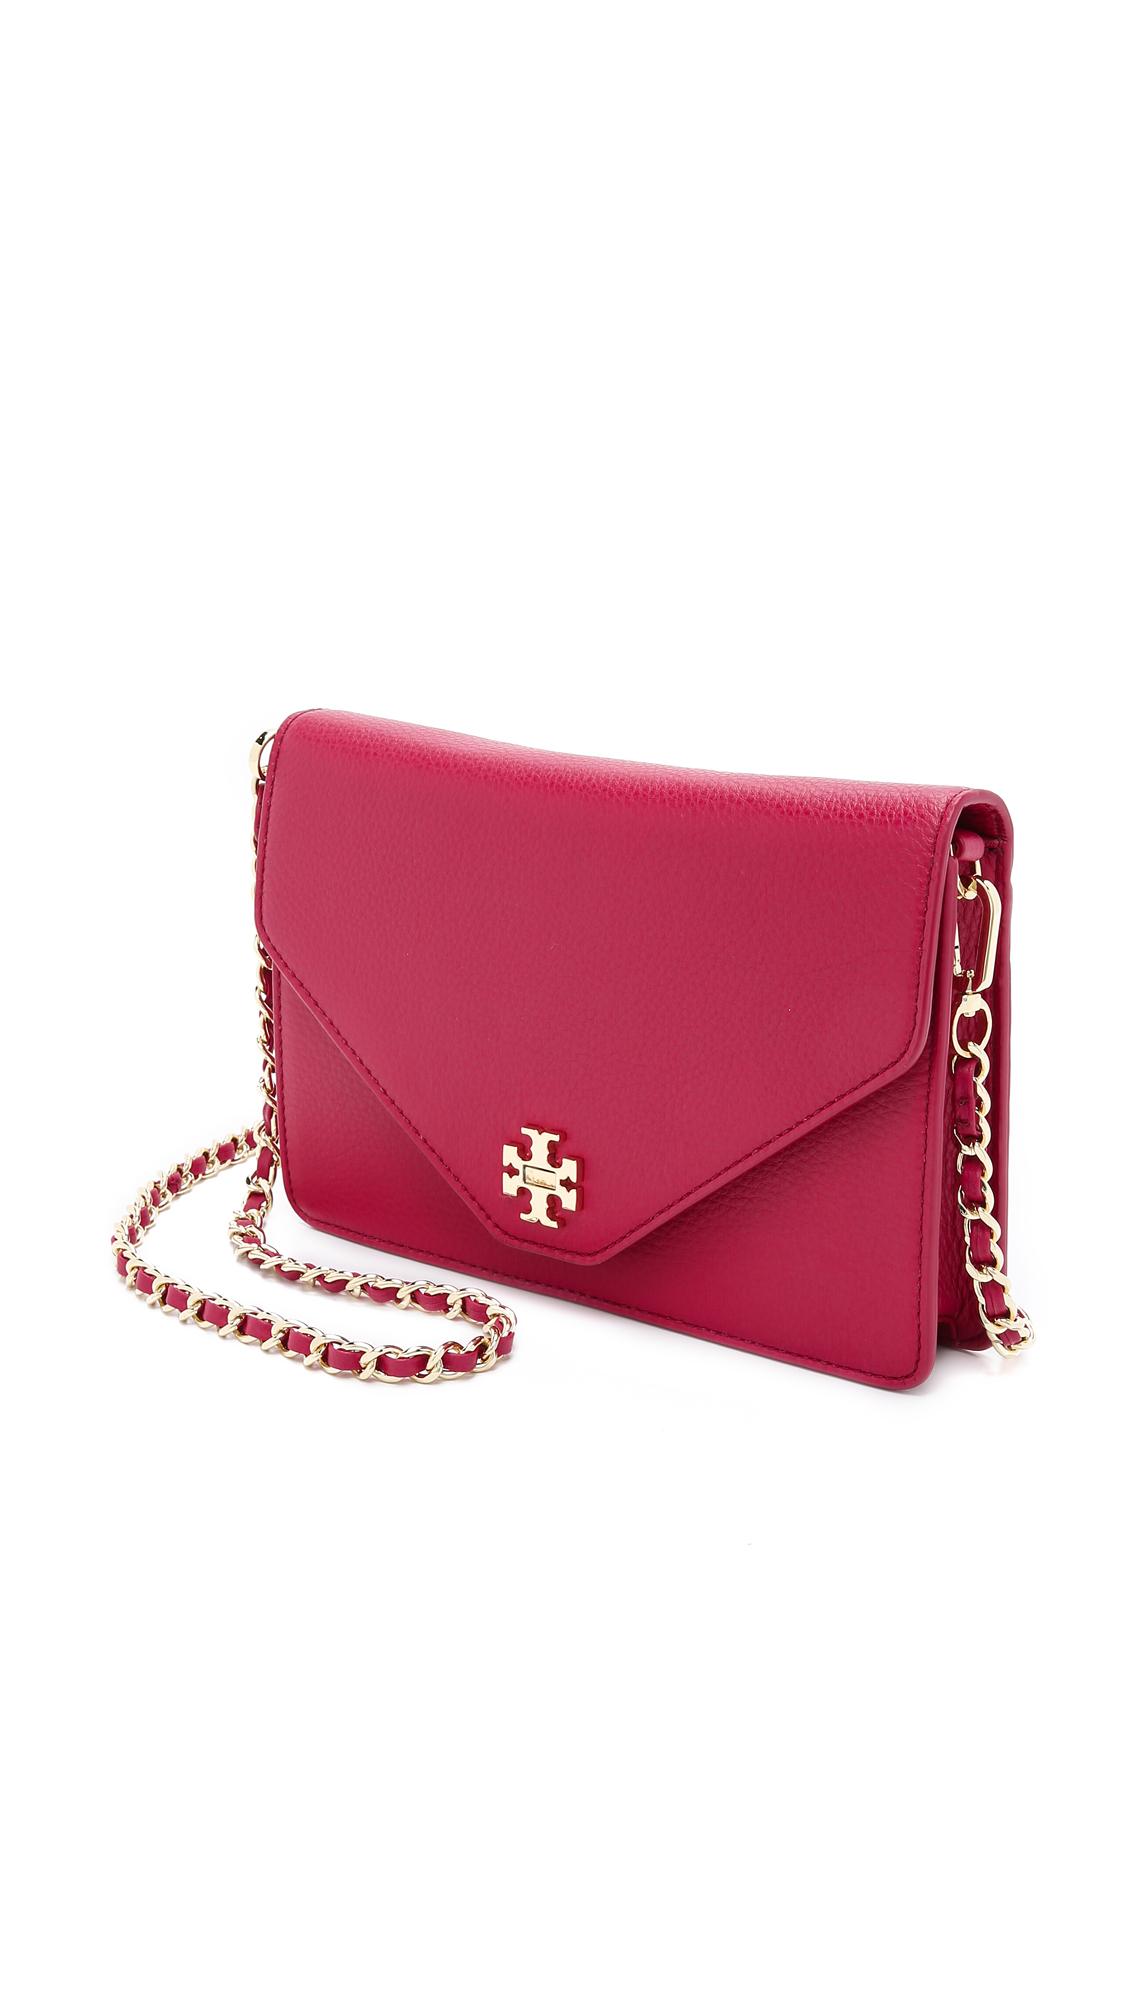 1d941f2925f Lyst - Tory Burch Kira Clutch - Raspberry in Red